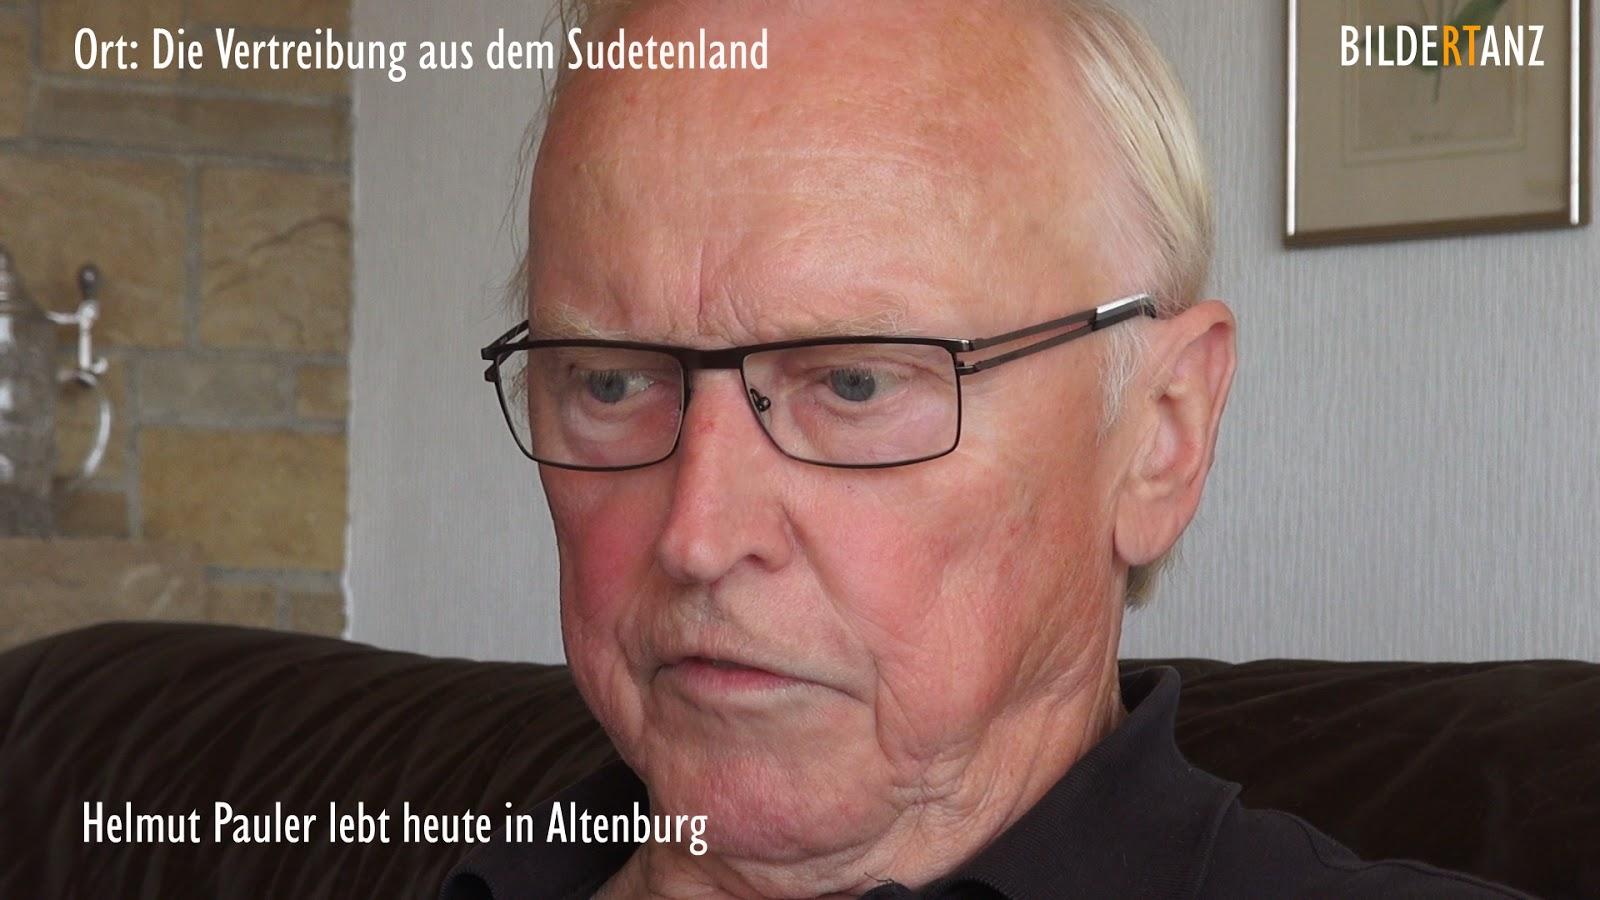 http://rv-bildertanz.blogspot.de/2014/09/videoreihe-zeitzeugen-flucht-und.html